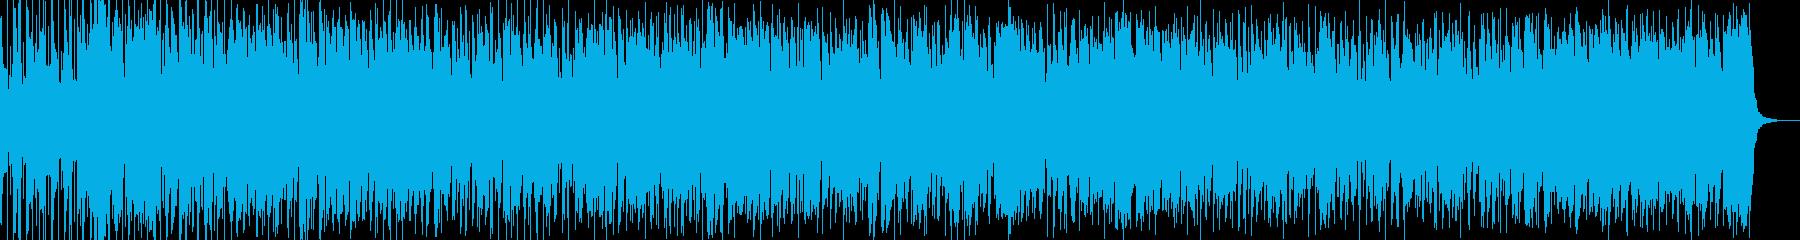 秋にお似合いのポップなボサノバの再生済みの波形